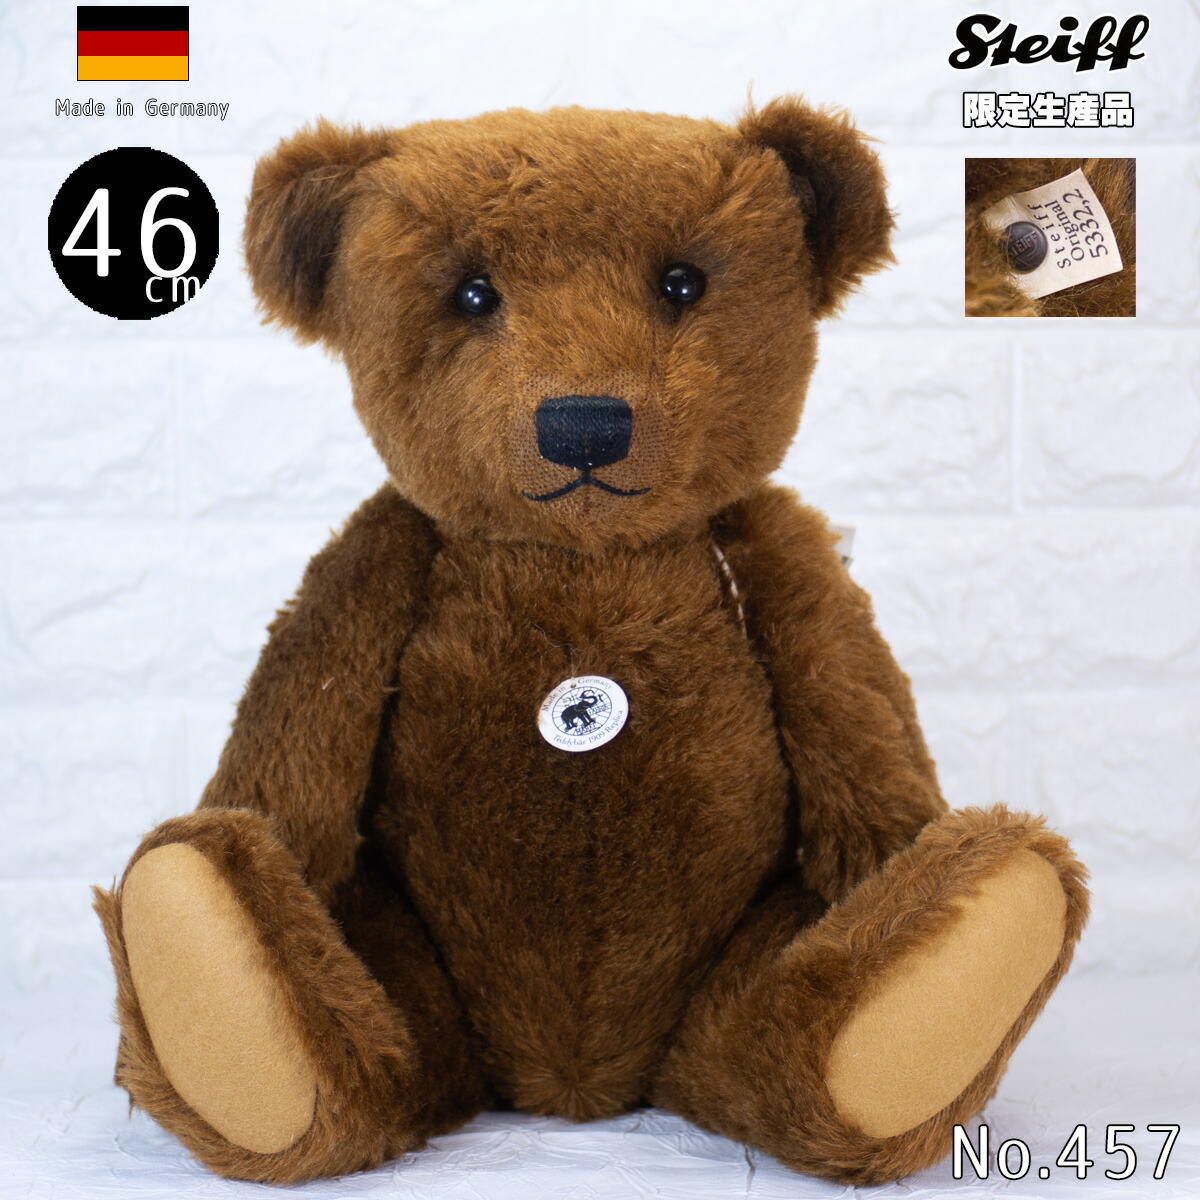 シュタイフ テディベア Steiff 世界限定レプリカ 1909 Teddy bear テディベア